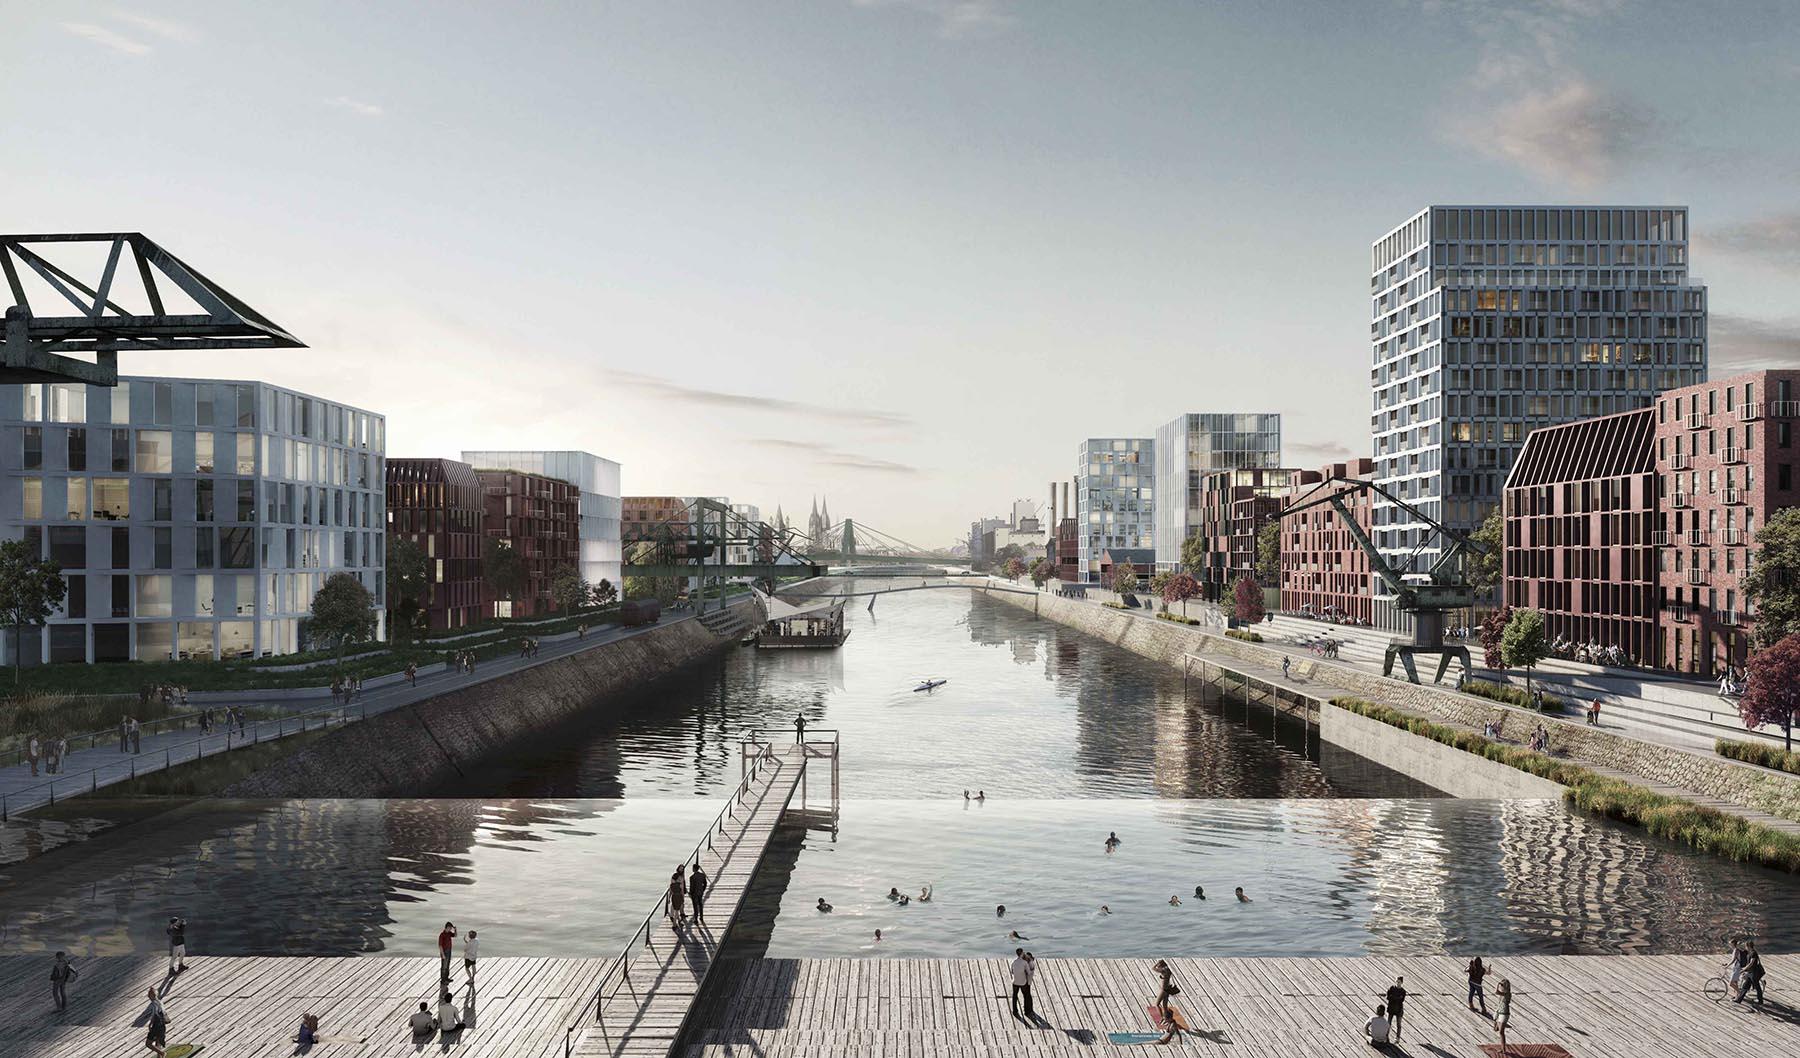 Deutzer Hafen. Im Sommer 2017 präsentierte das Kopenhagener Büro COBE in Kooperation mit Ramboll Studio Dreiseitl (Überlingen), Transsolar (Stuttgart) und knp.bauphysik (Köln) und mit Beteiligung der Bürgerschaft den Entwurf.